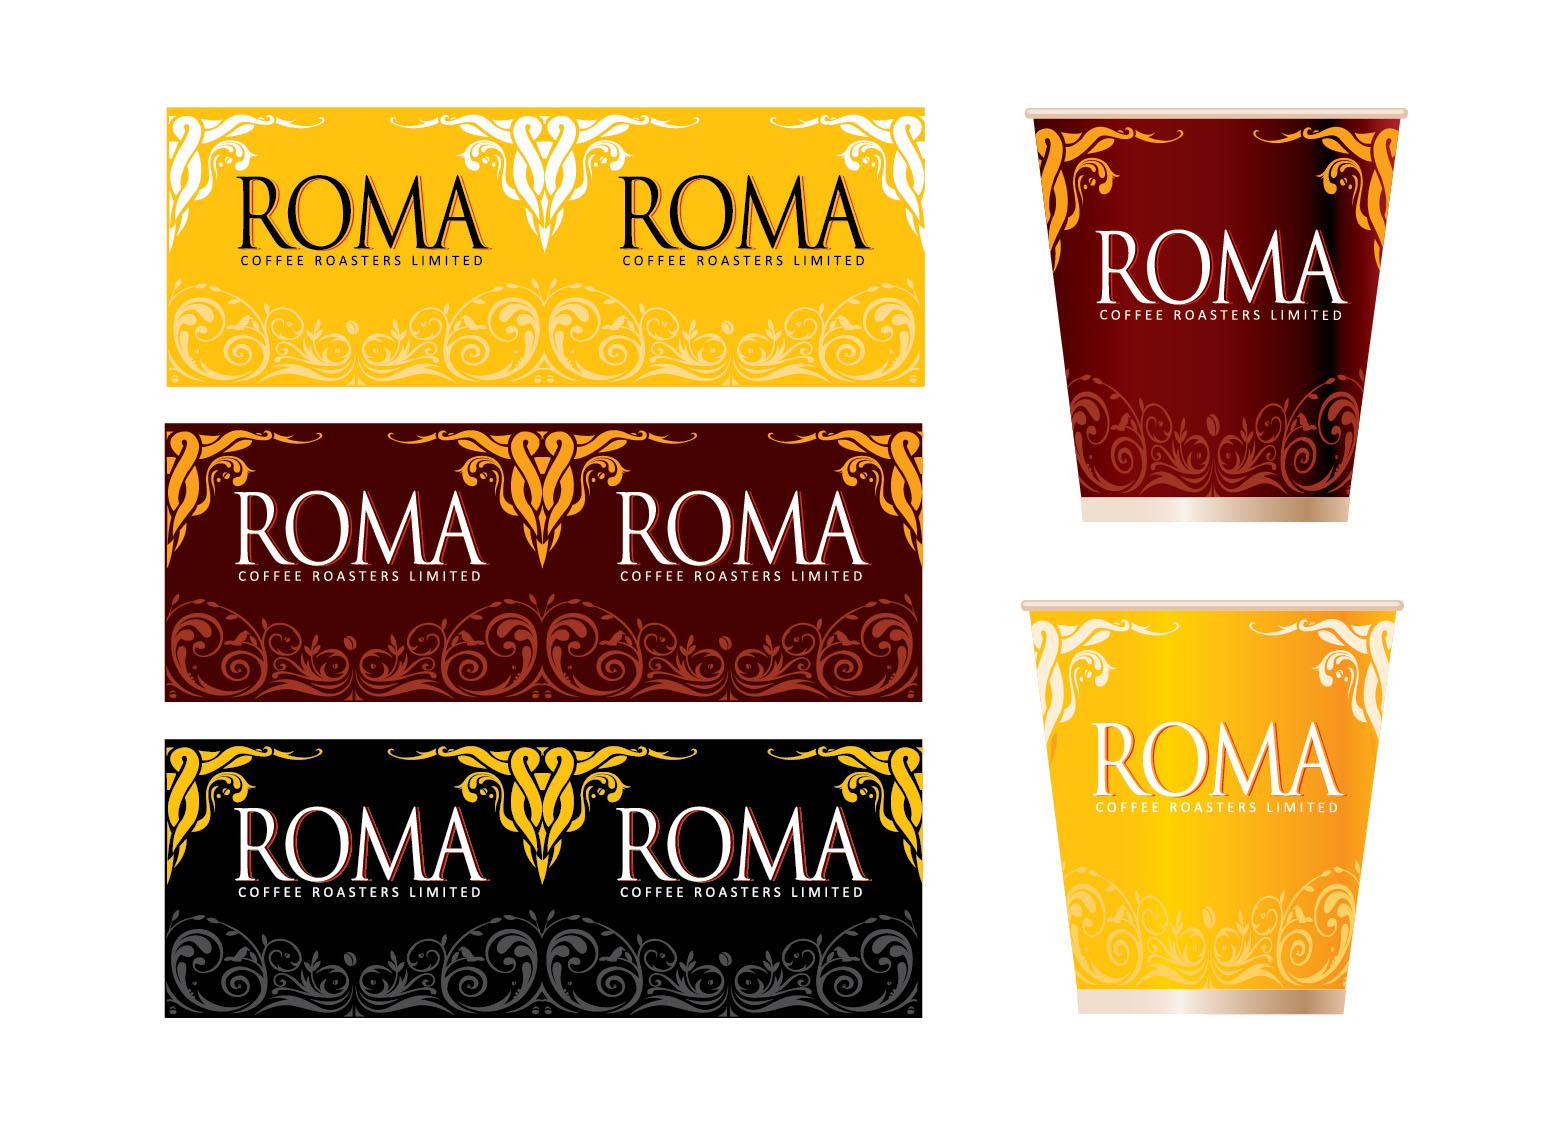 Roma-designs